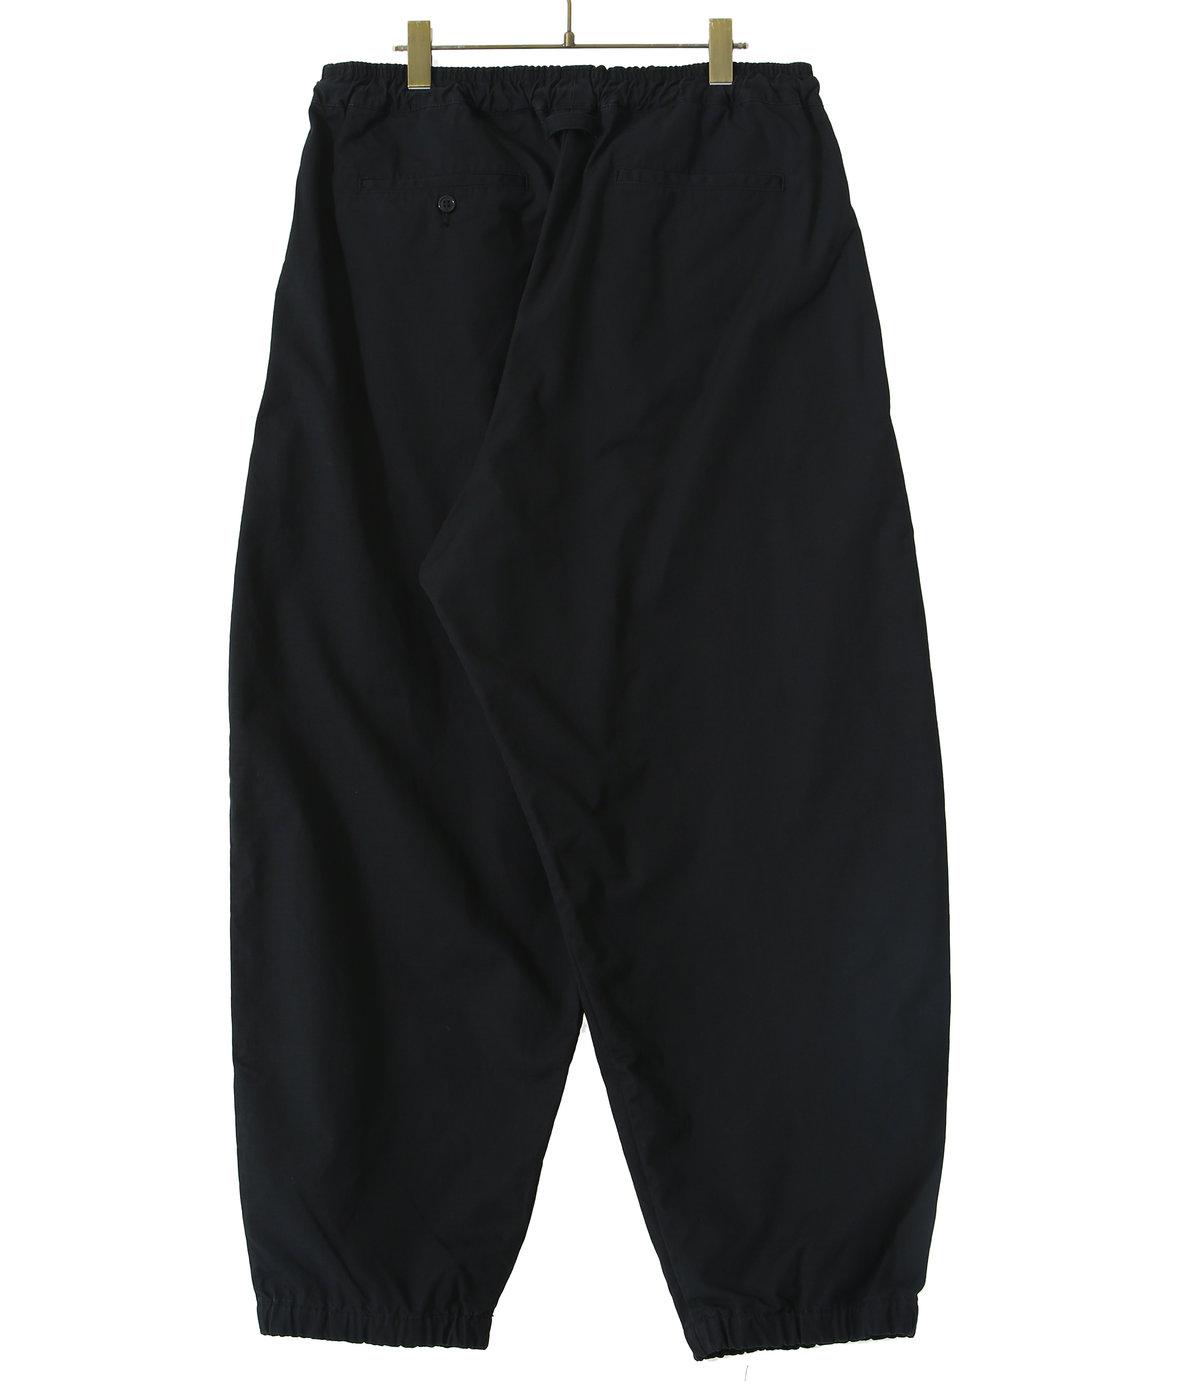 【予約】COTTON / NYLON RIPSTOP OVER PANTS